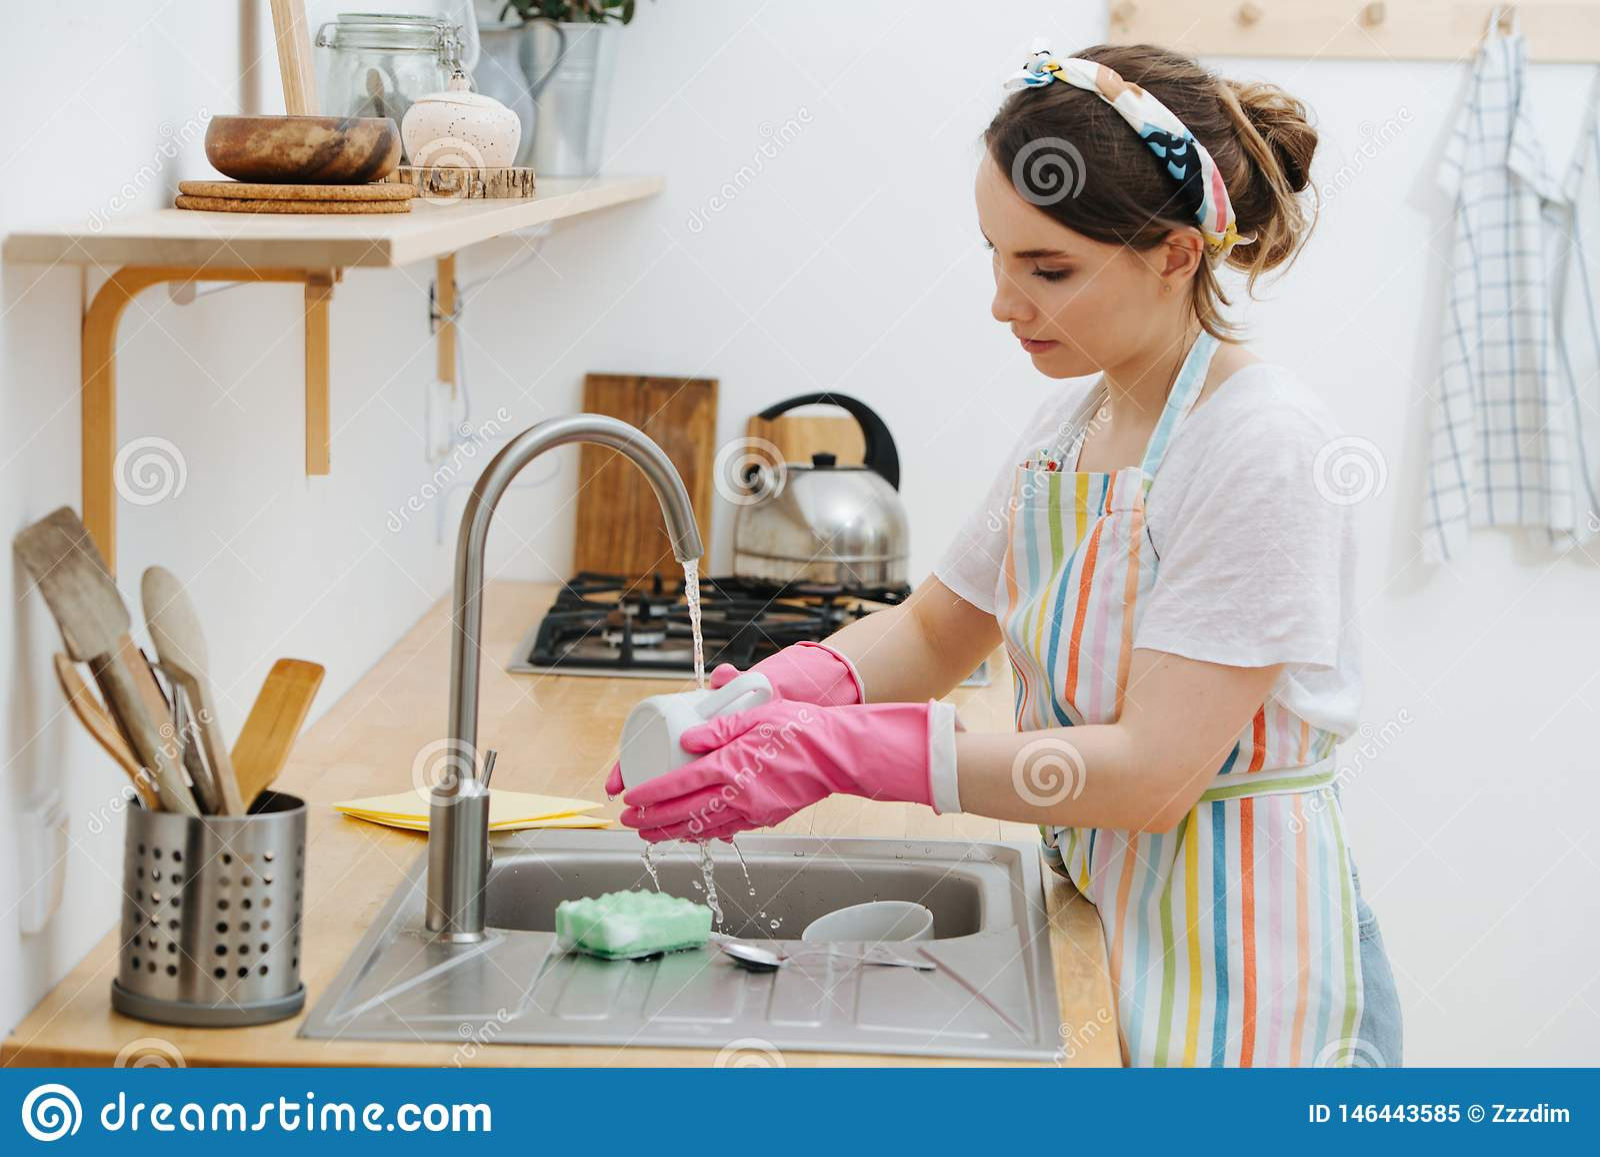 La giovane donna castana in una cucina sta lavando le tazze ed i piatti